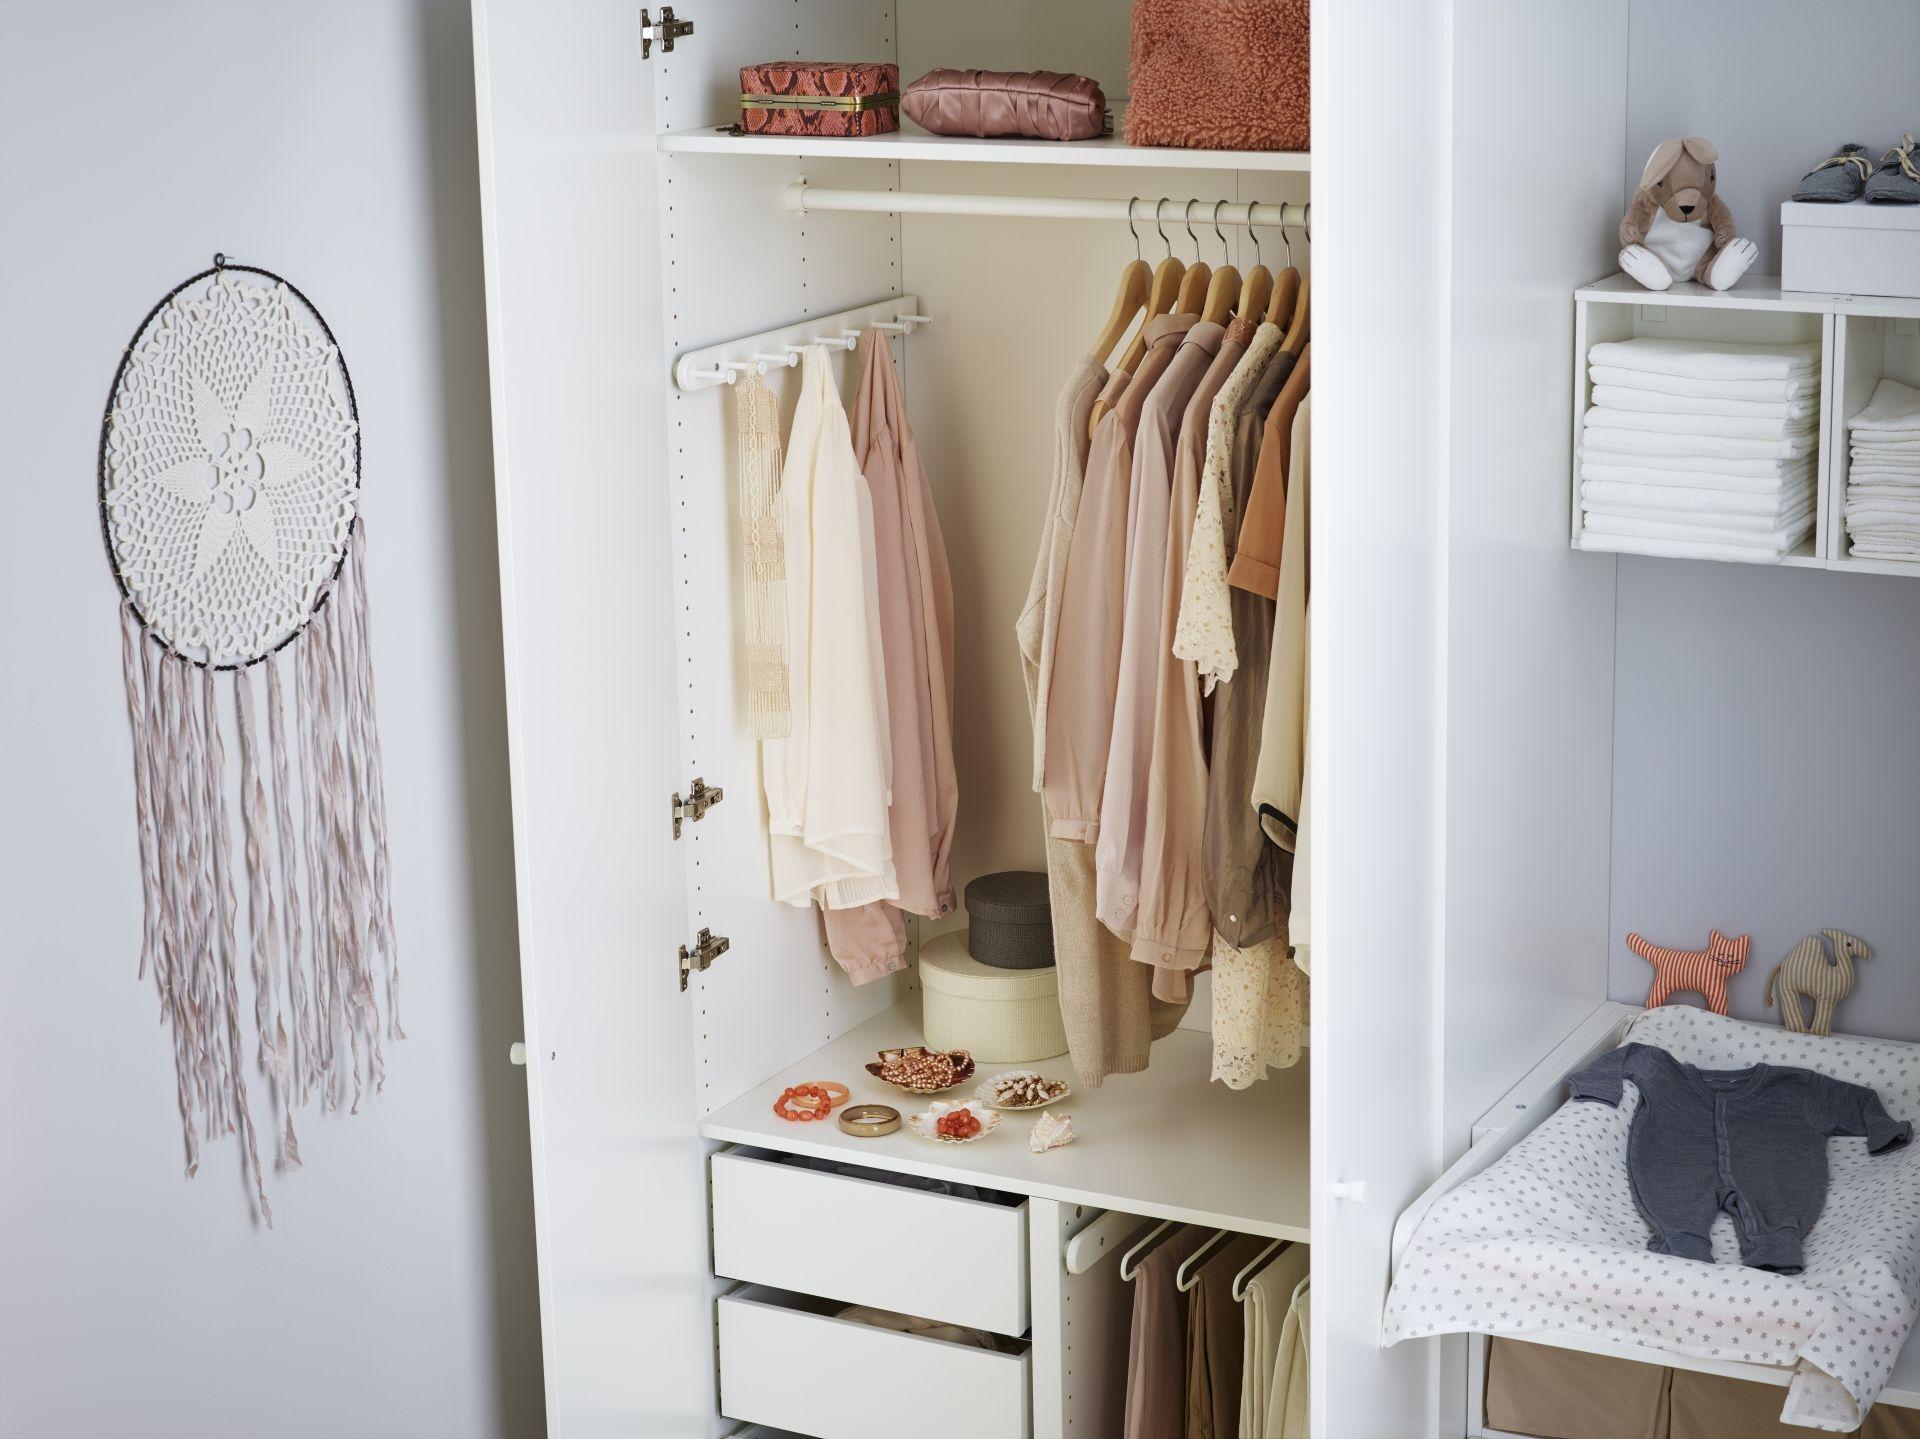 Baby Slaapkamer Ikea : Pax garderobekast ikea ikeanederland ikeanl wooninspiratie